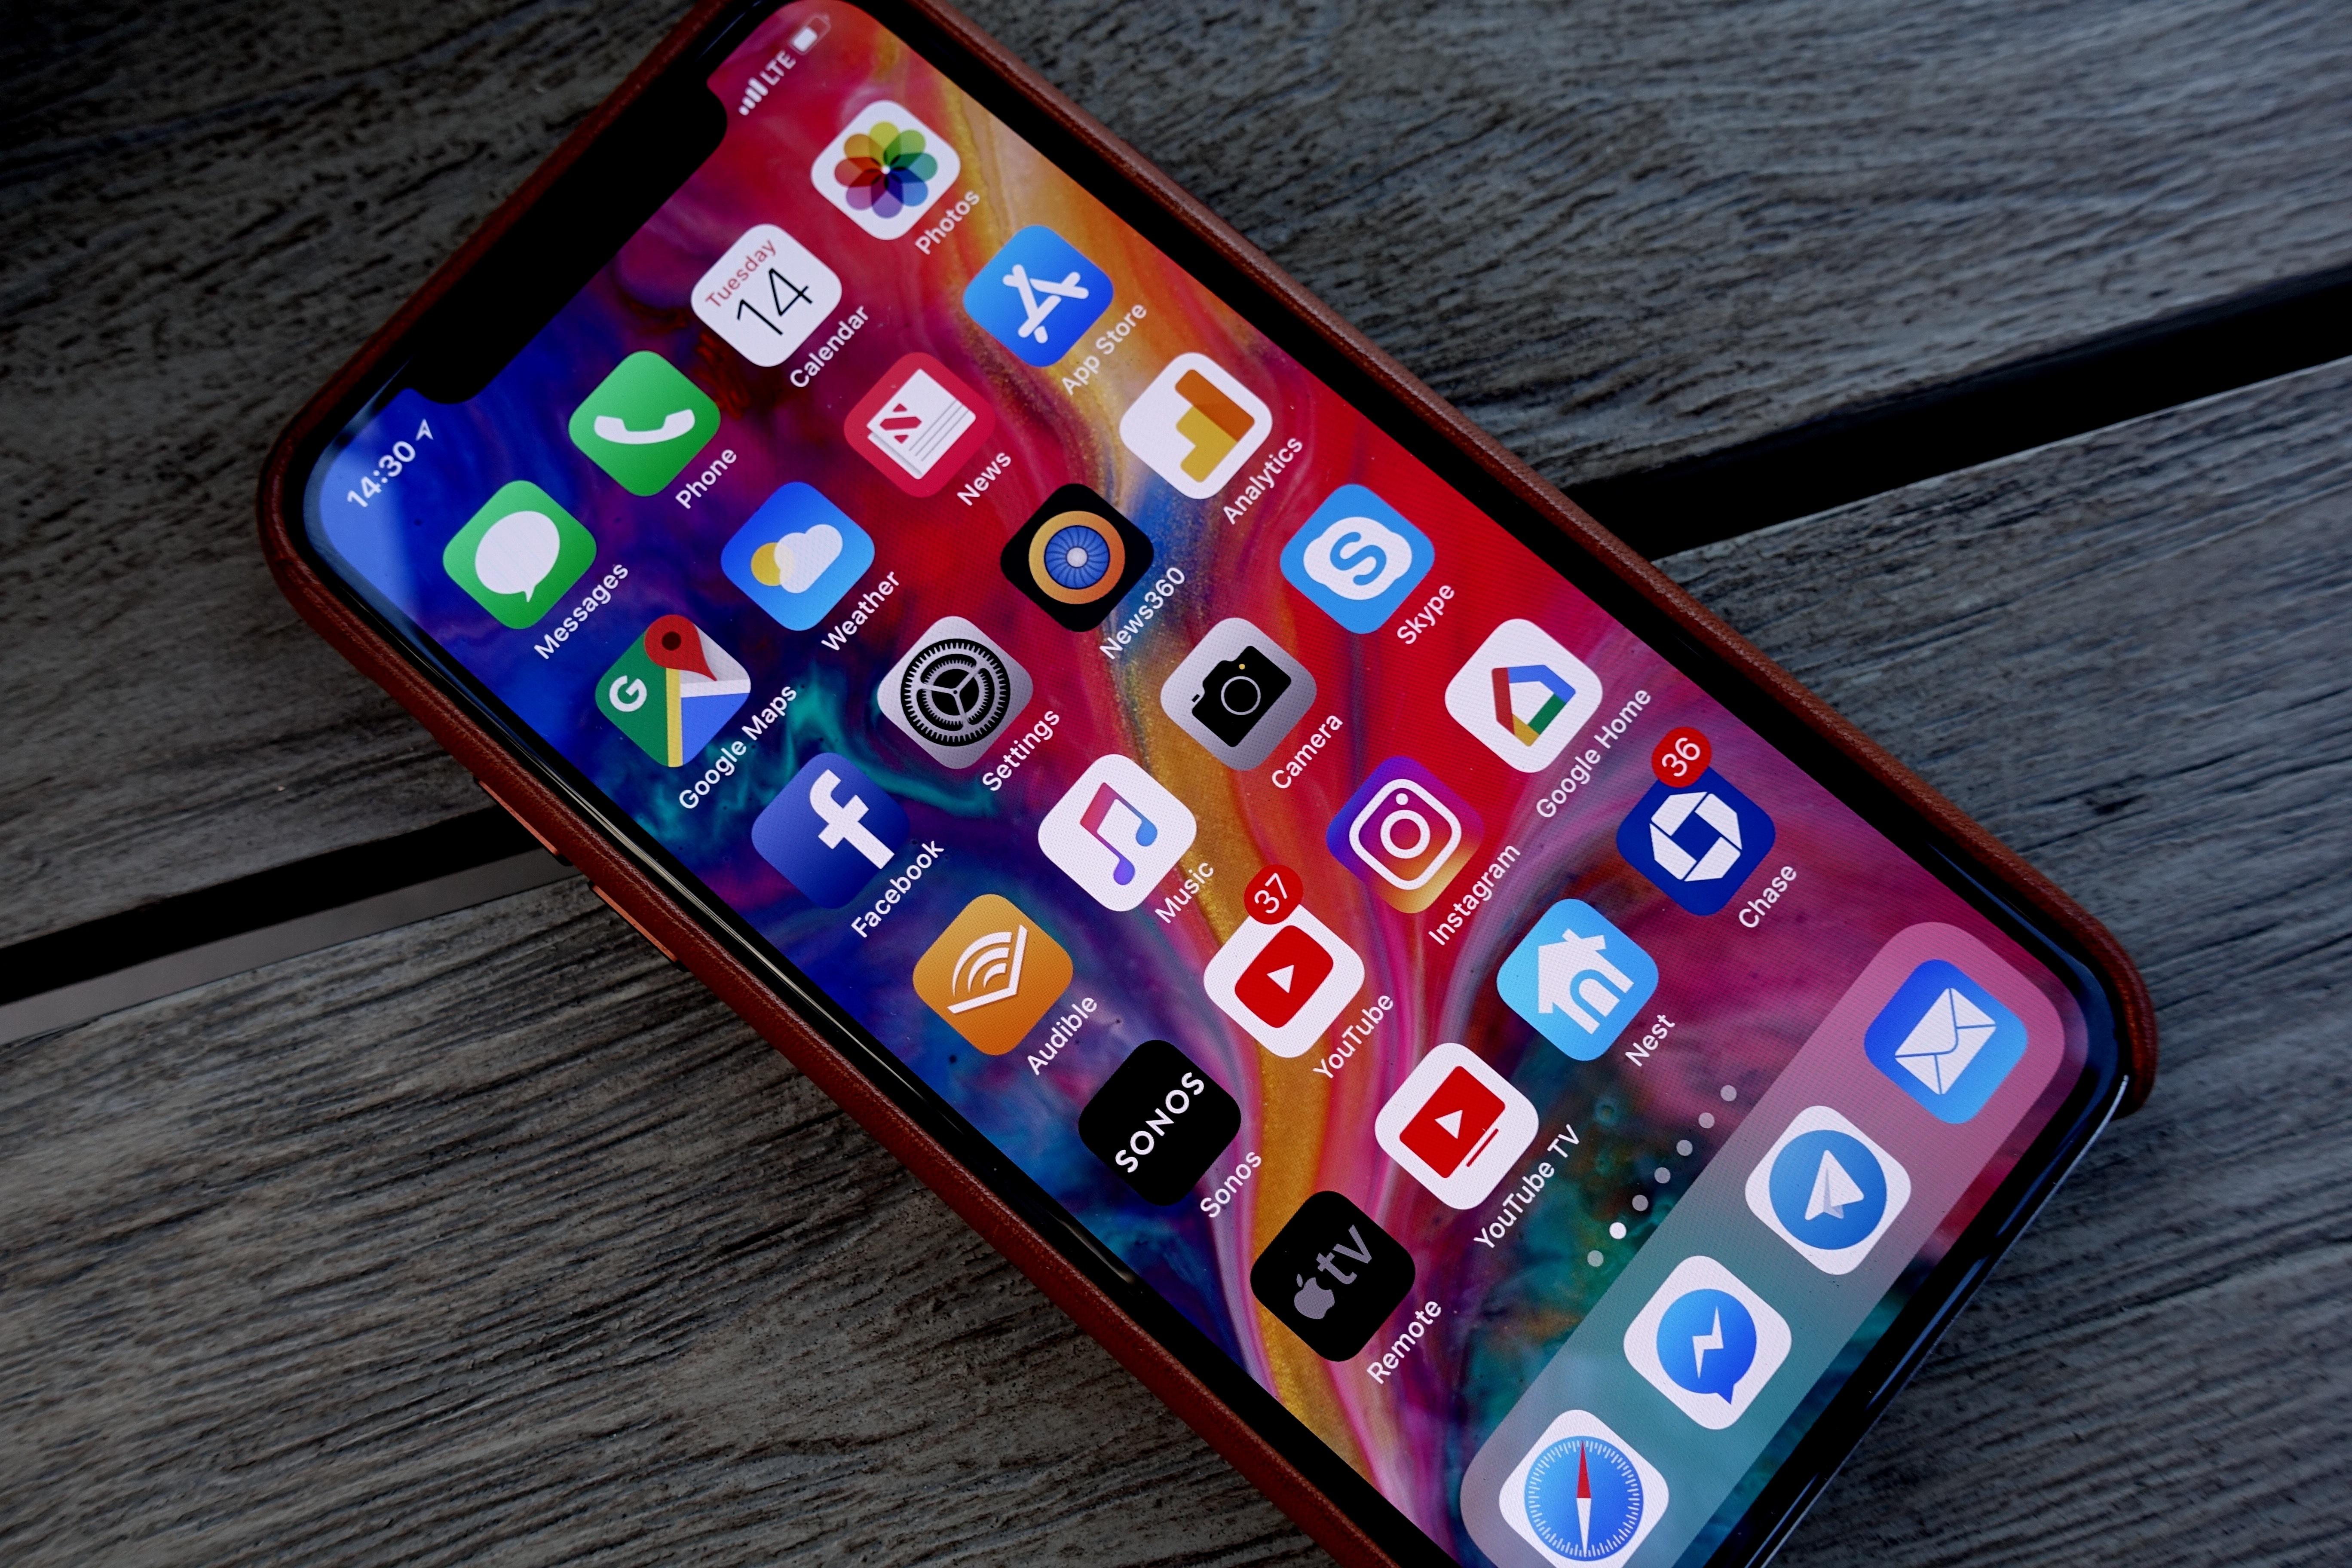 iPhone X var bare starten - neste modell kan bli enda dyrere.